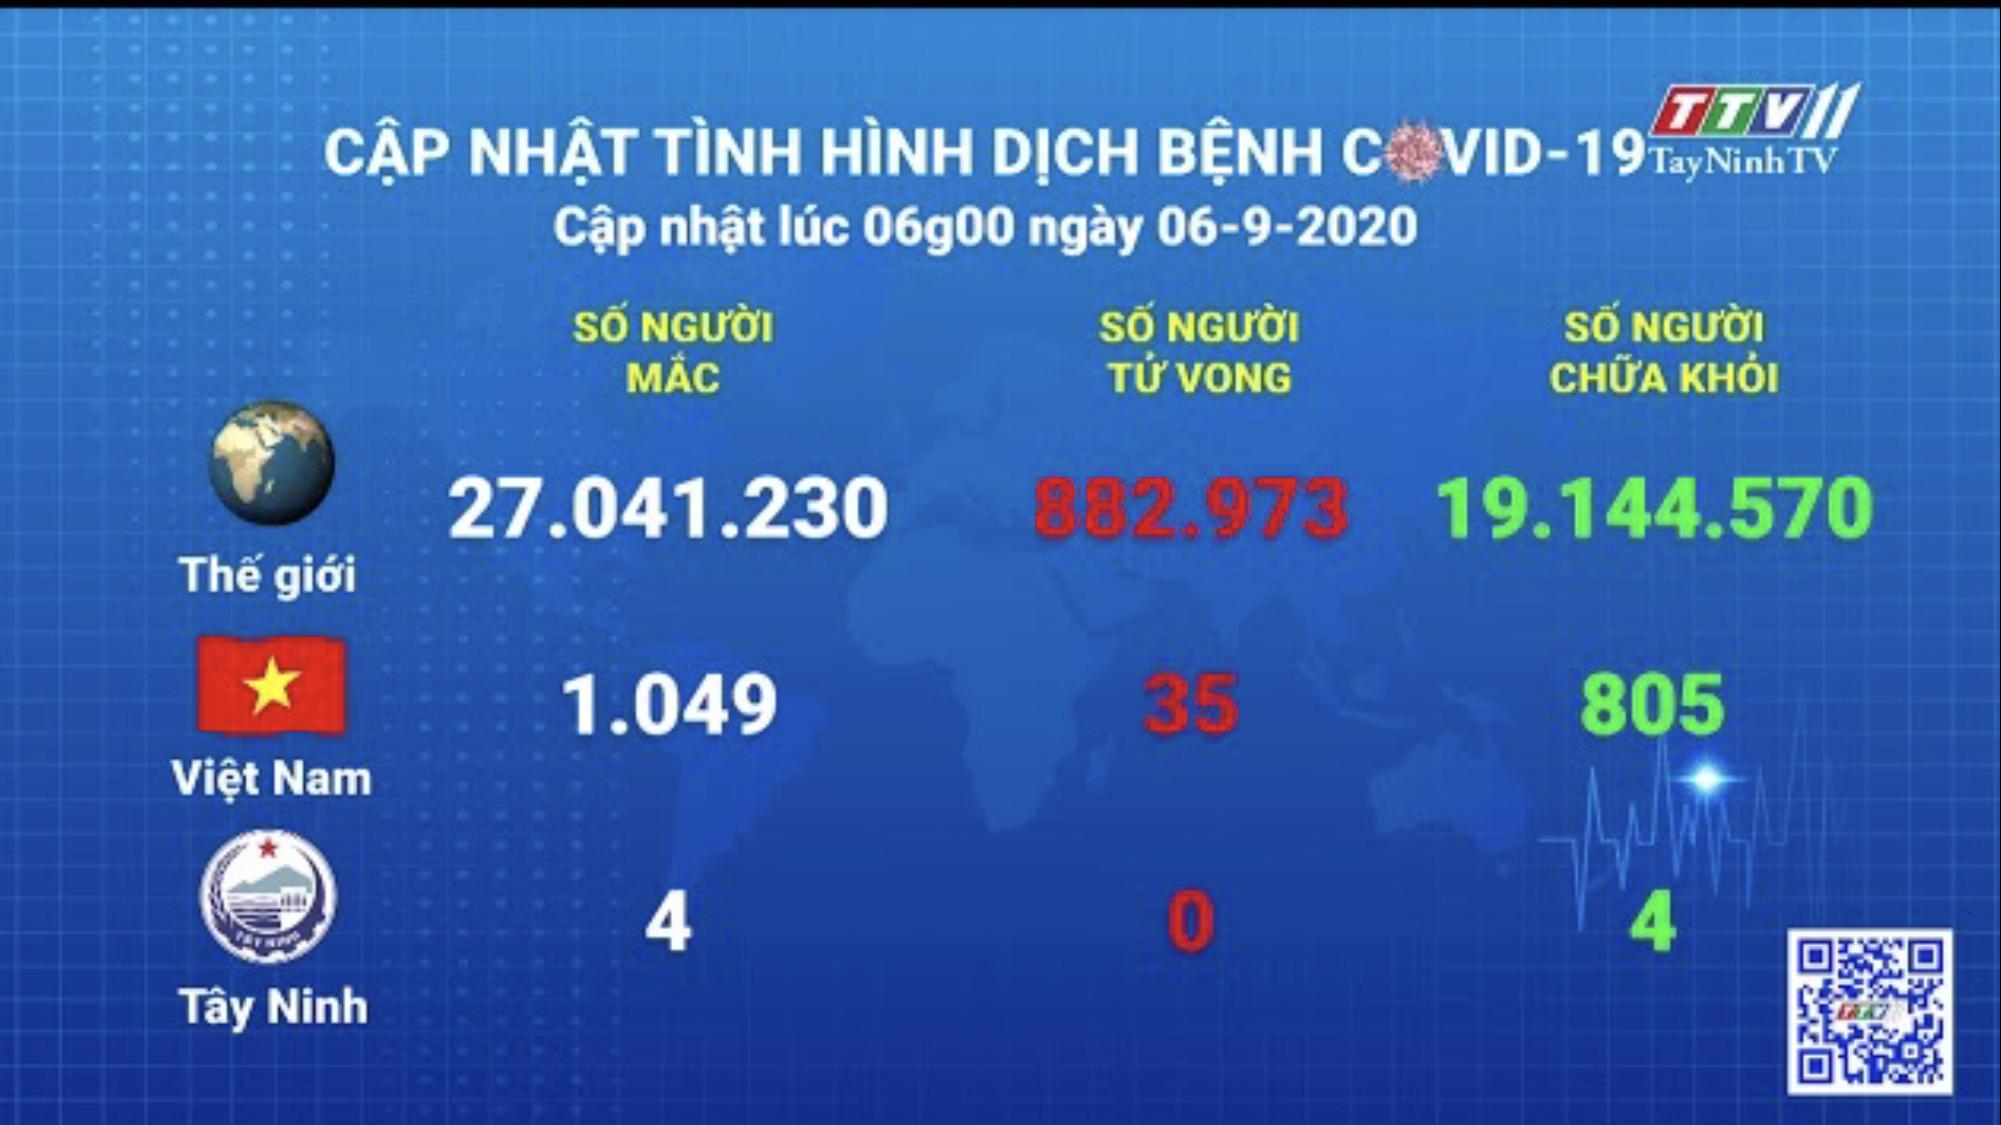 Cập nhật tình hình Covid-19 vào lúc 06 giờ 06-9-2020 | Thông tin dịch Covid-19 | TayNinhTV